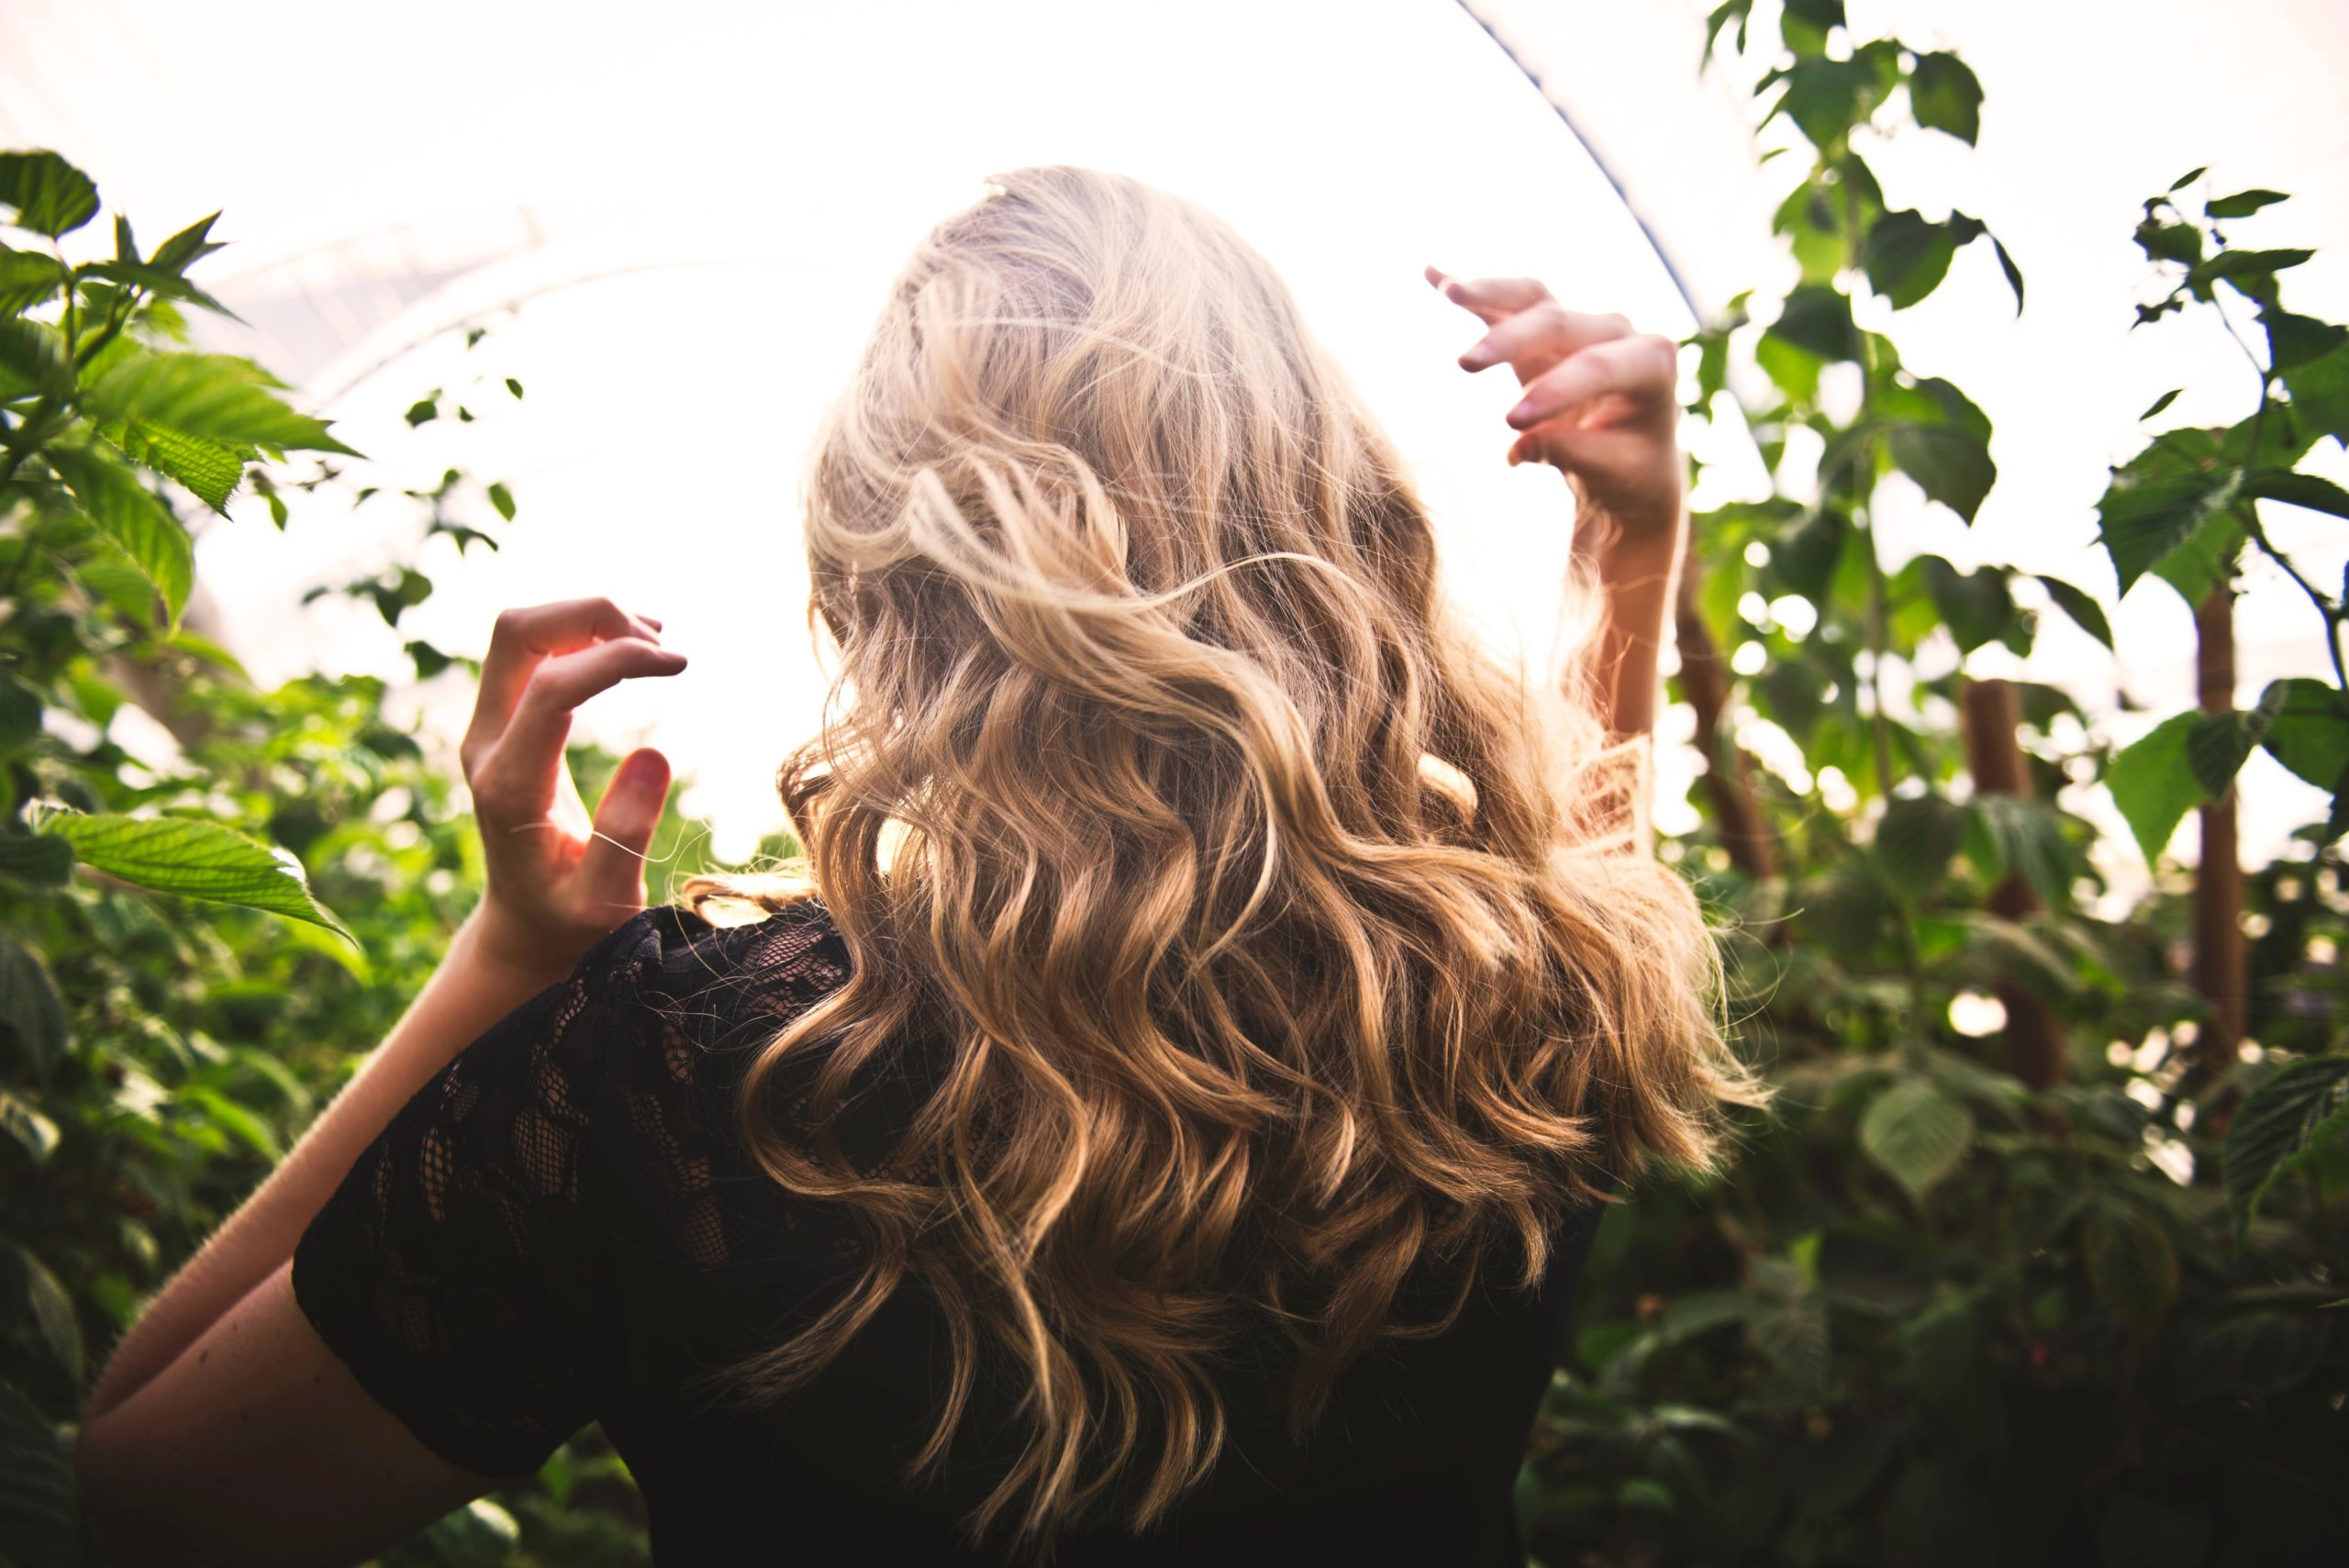 Kako brinuti o plavoj kosi? Donosimo tri savjeta koja sprječavaju žutilo